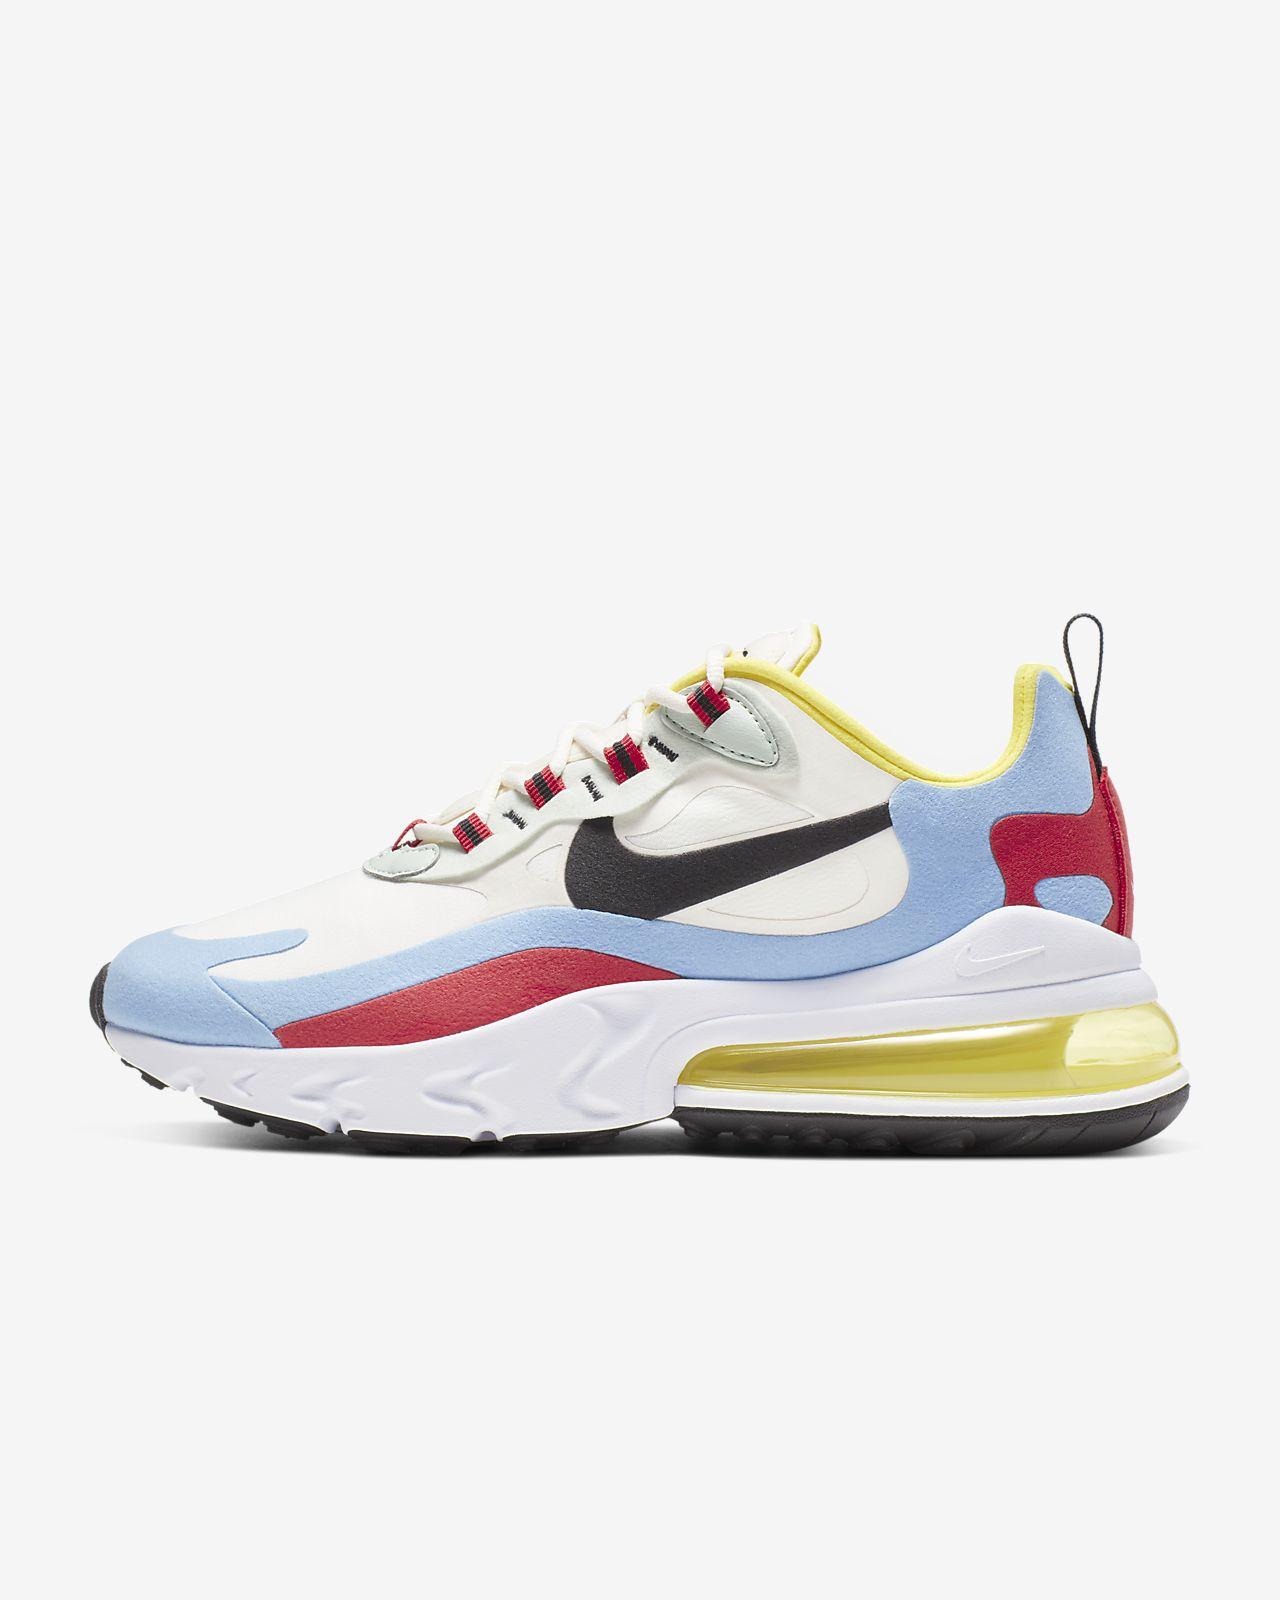 Nike Air Max 270 React (Bauhaus) Kadın Ayakkabısı